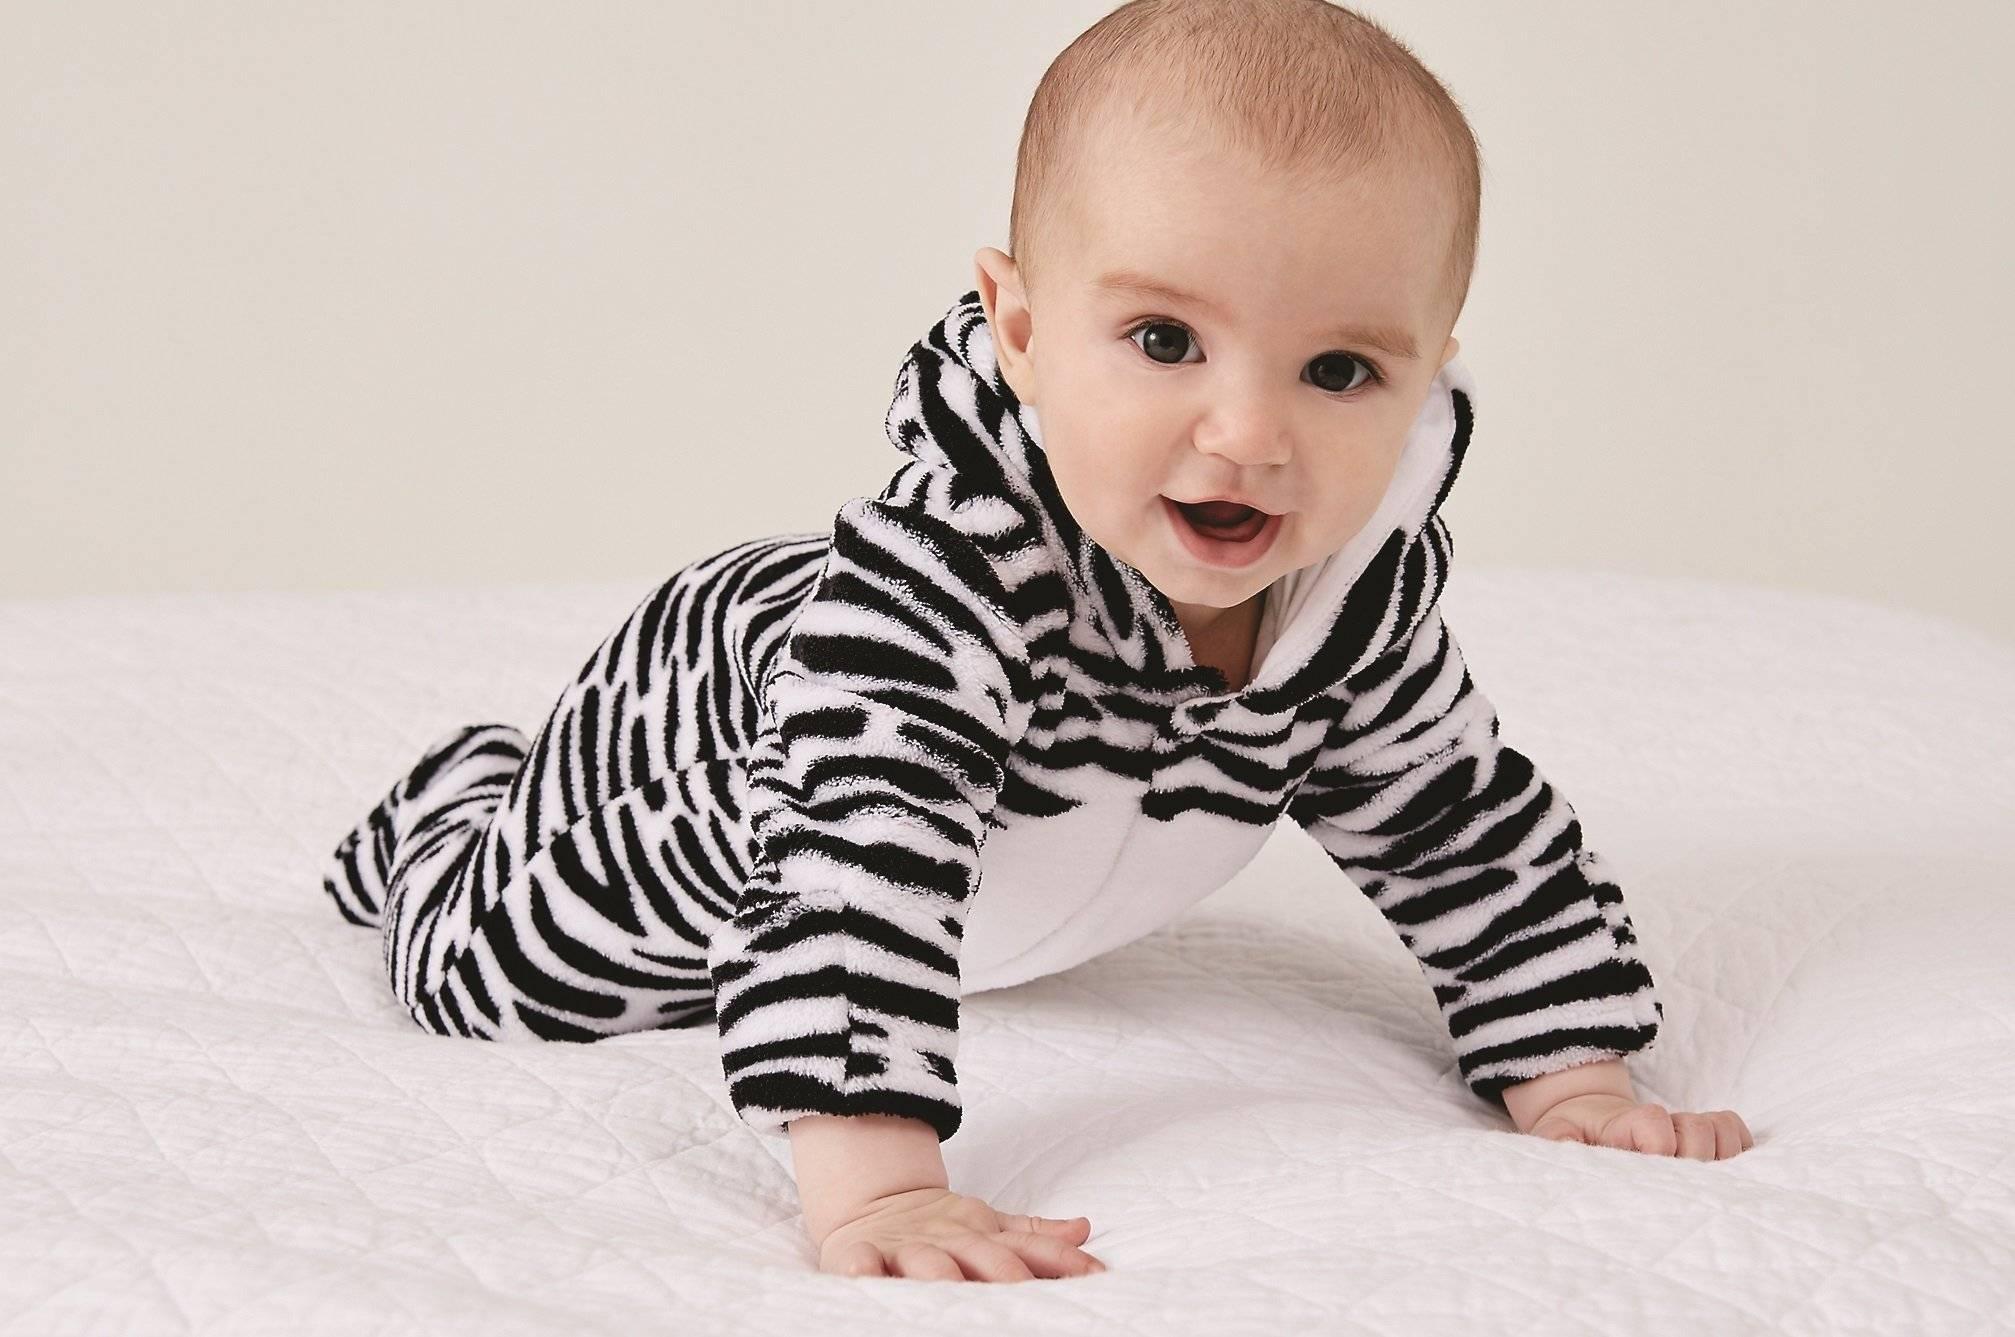 Развитие ребенка в 5 месяца, меню ребенка на пятом месяце | метки: жизнь, жизнь